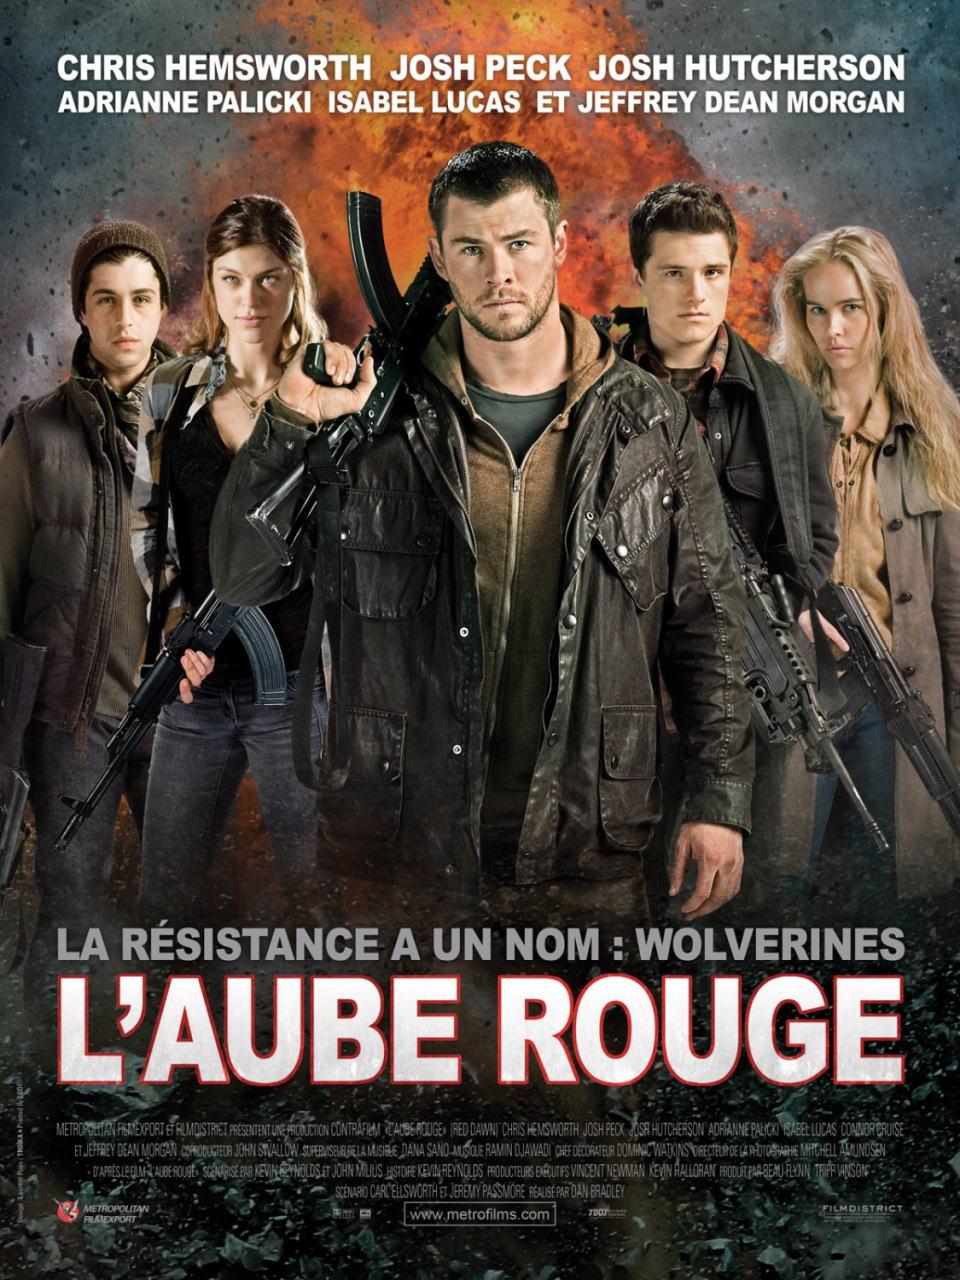 映画『レッド・ドーン (2012) RED DAWN』ポスター(2)▼ポスター画像クリックで拡大します。